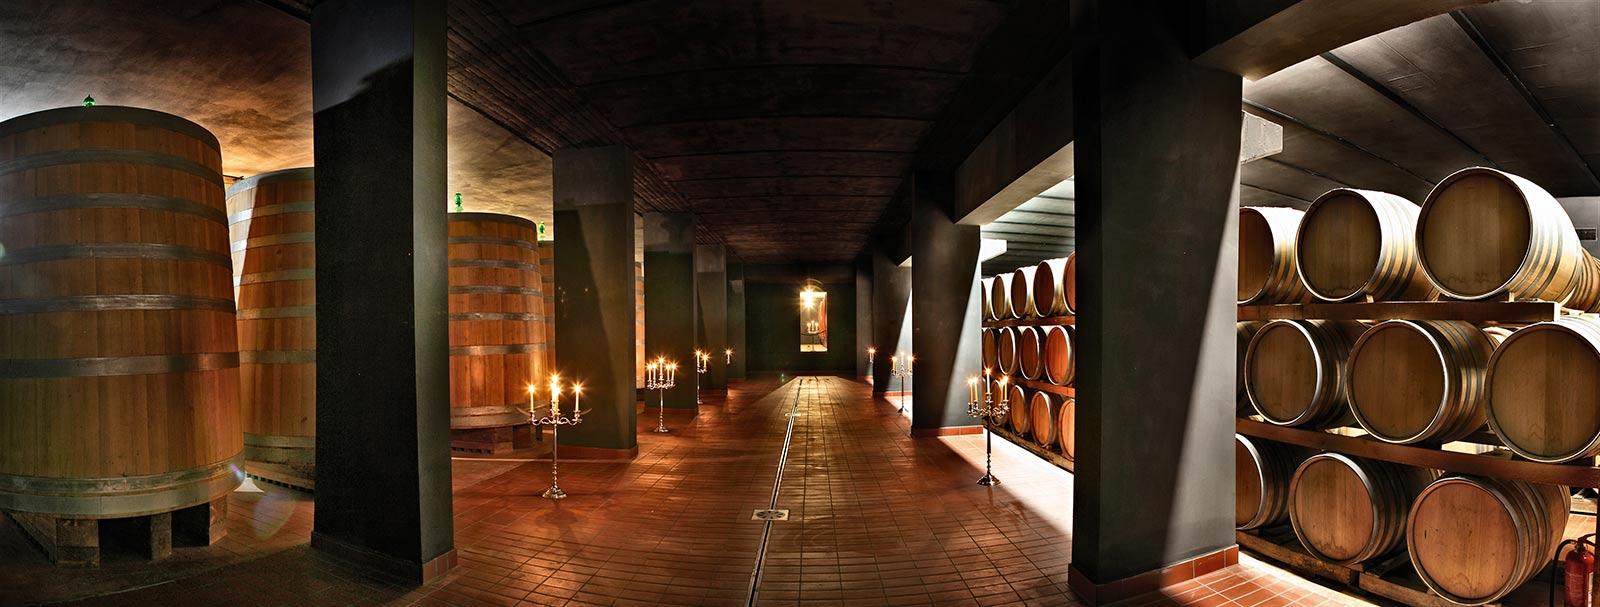 Guide to Vin Santo di Montepulciano, excellent dessert wine